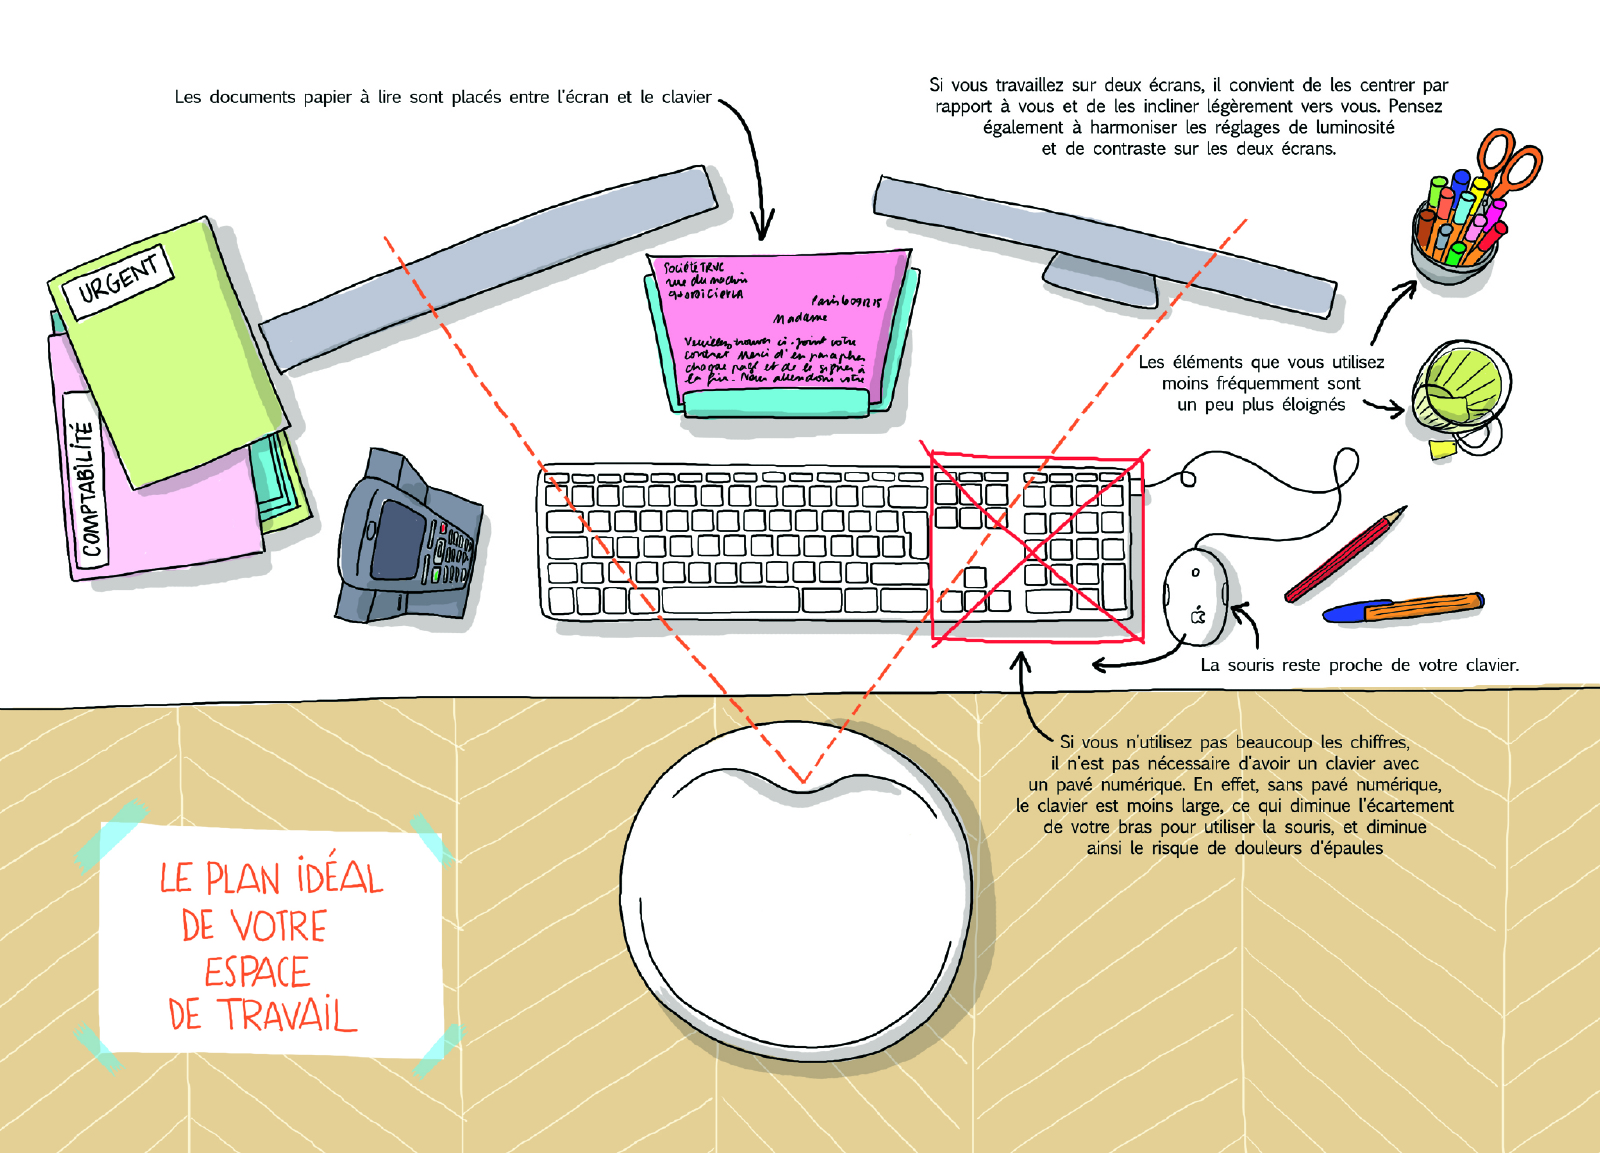 les conseils du kin fr d ric srour pour mieux organiser votre bureau. Black Bedroom Furniture Sets. Home Design Ideas